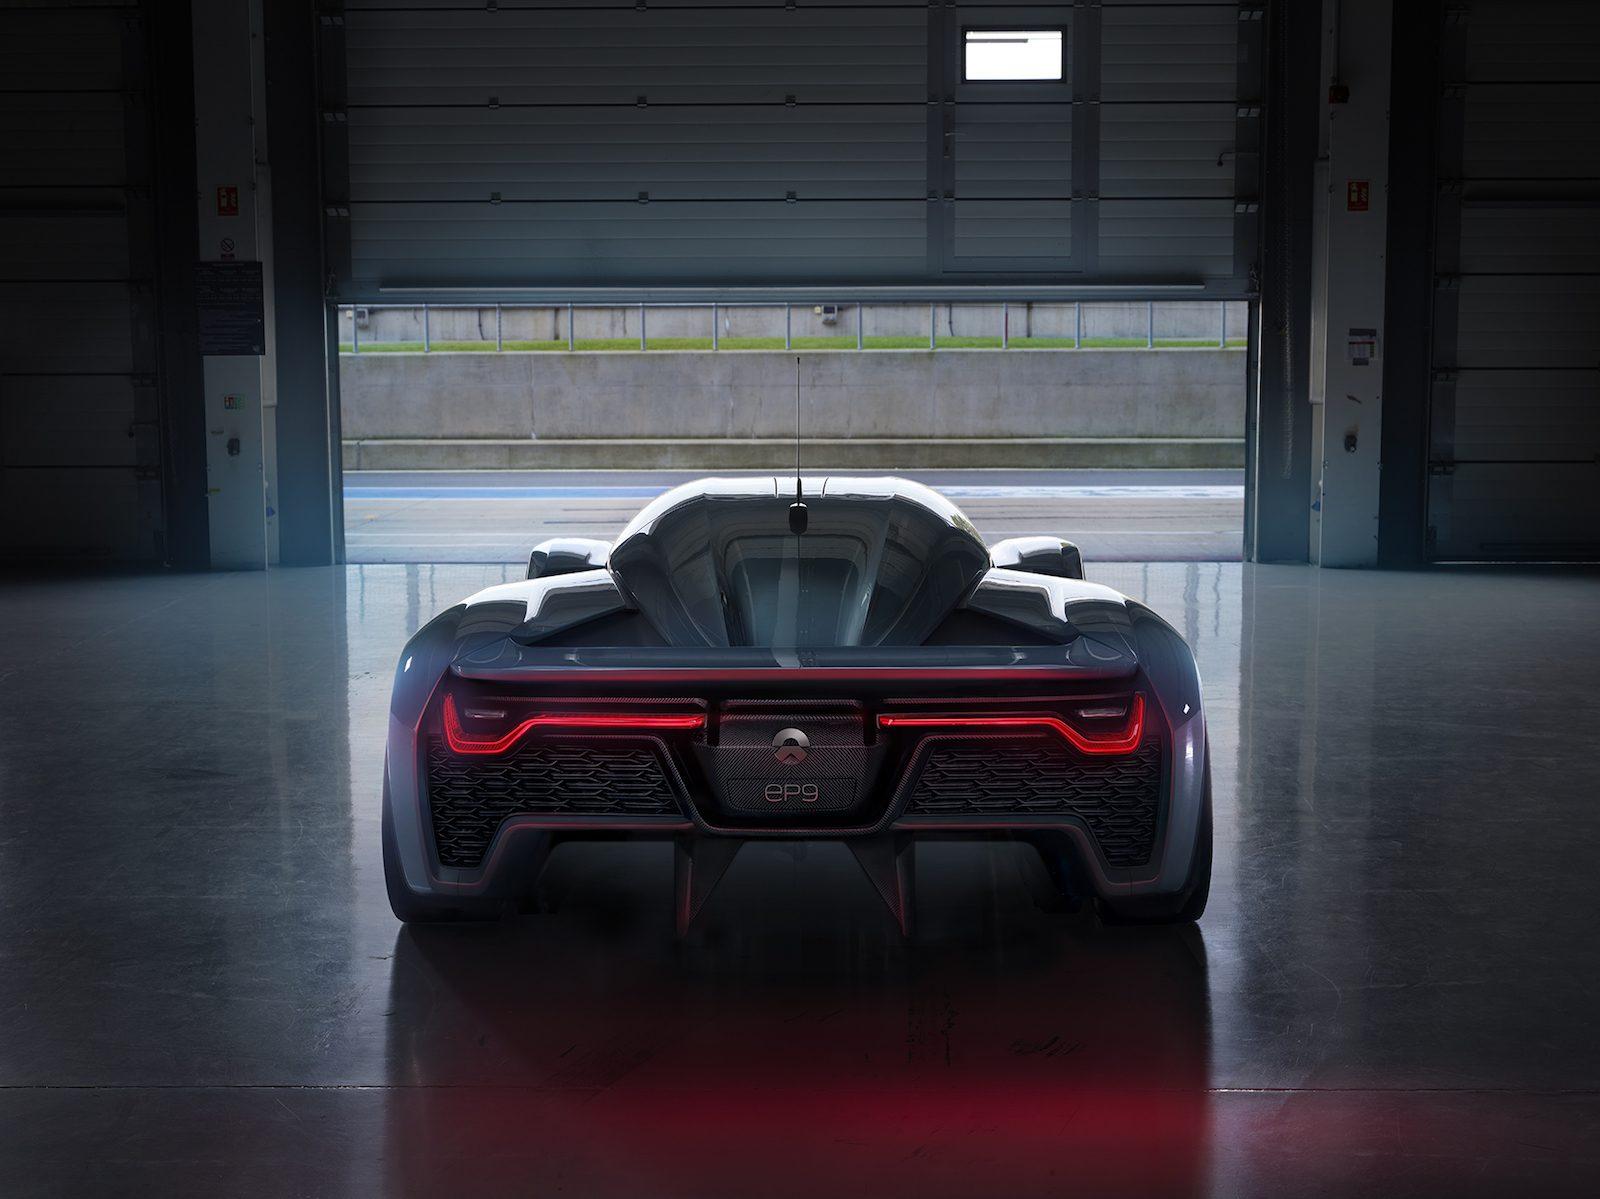 nio-ep9-rear-1